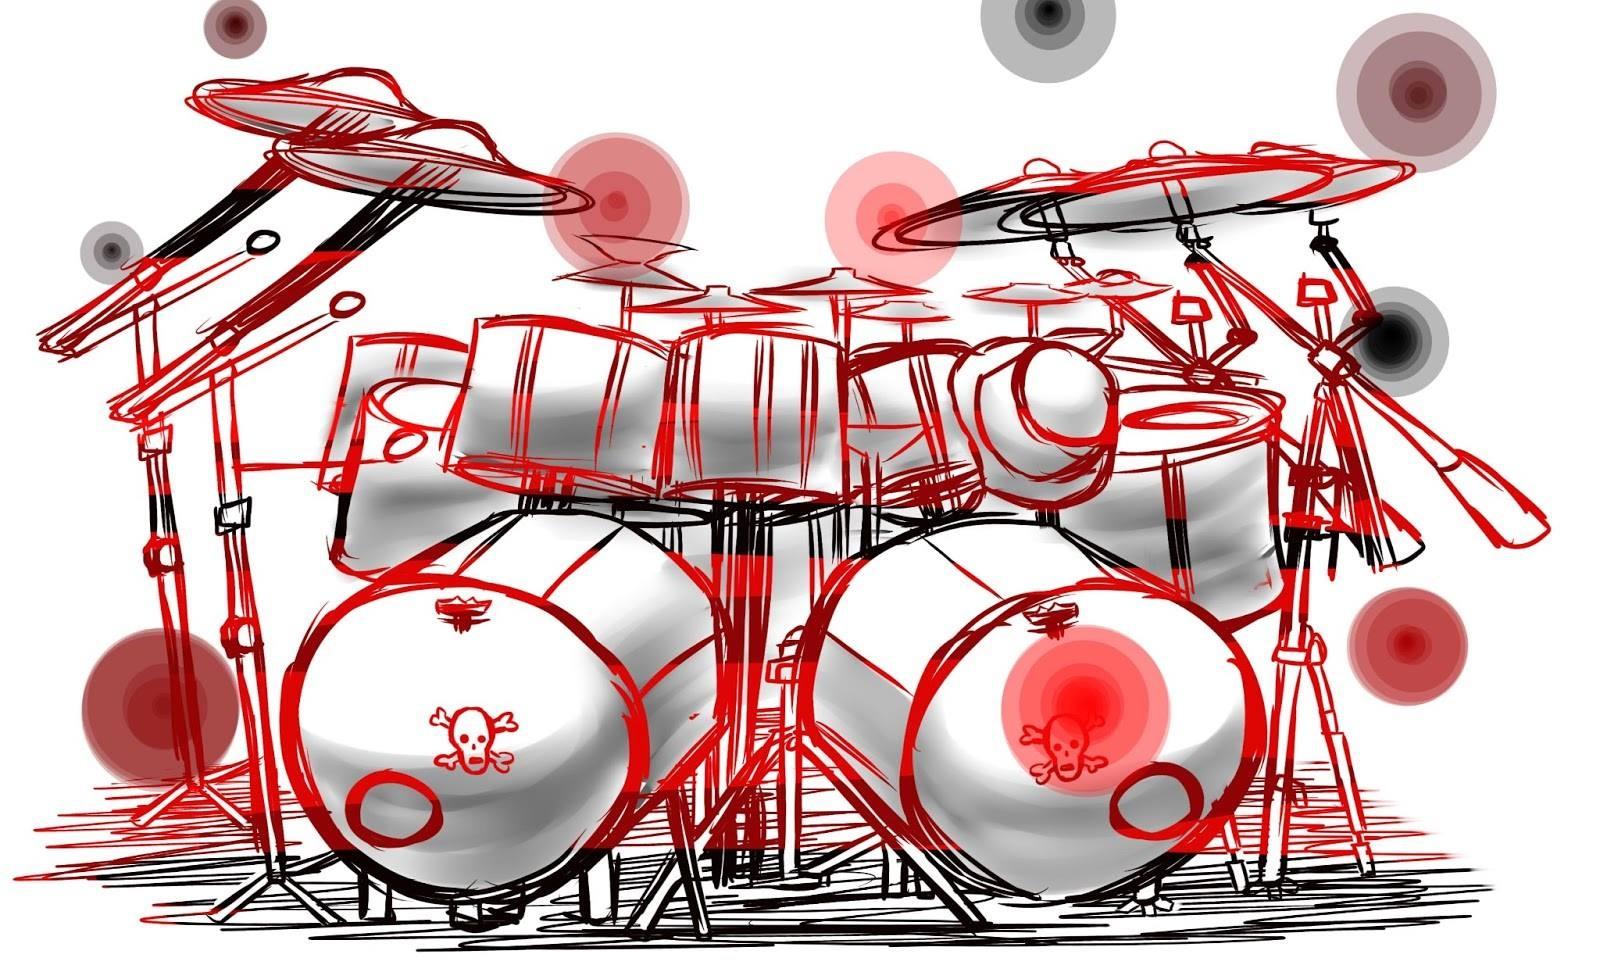 Drums, Schlagzeug (Zeichnung) - Quelle: unbekannt (März 2014, VÖ: 05.01.19)